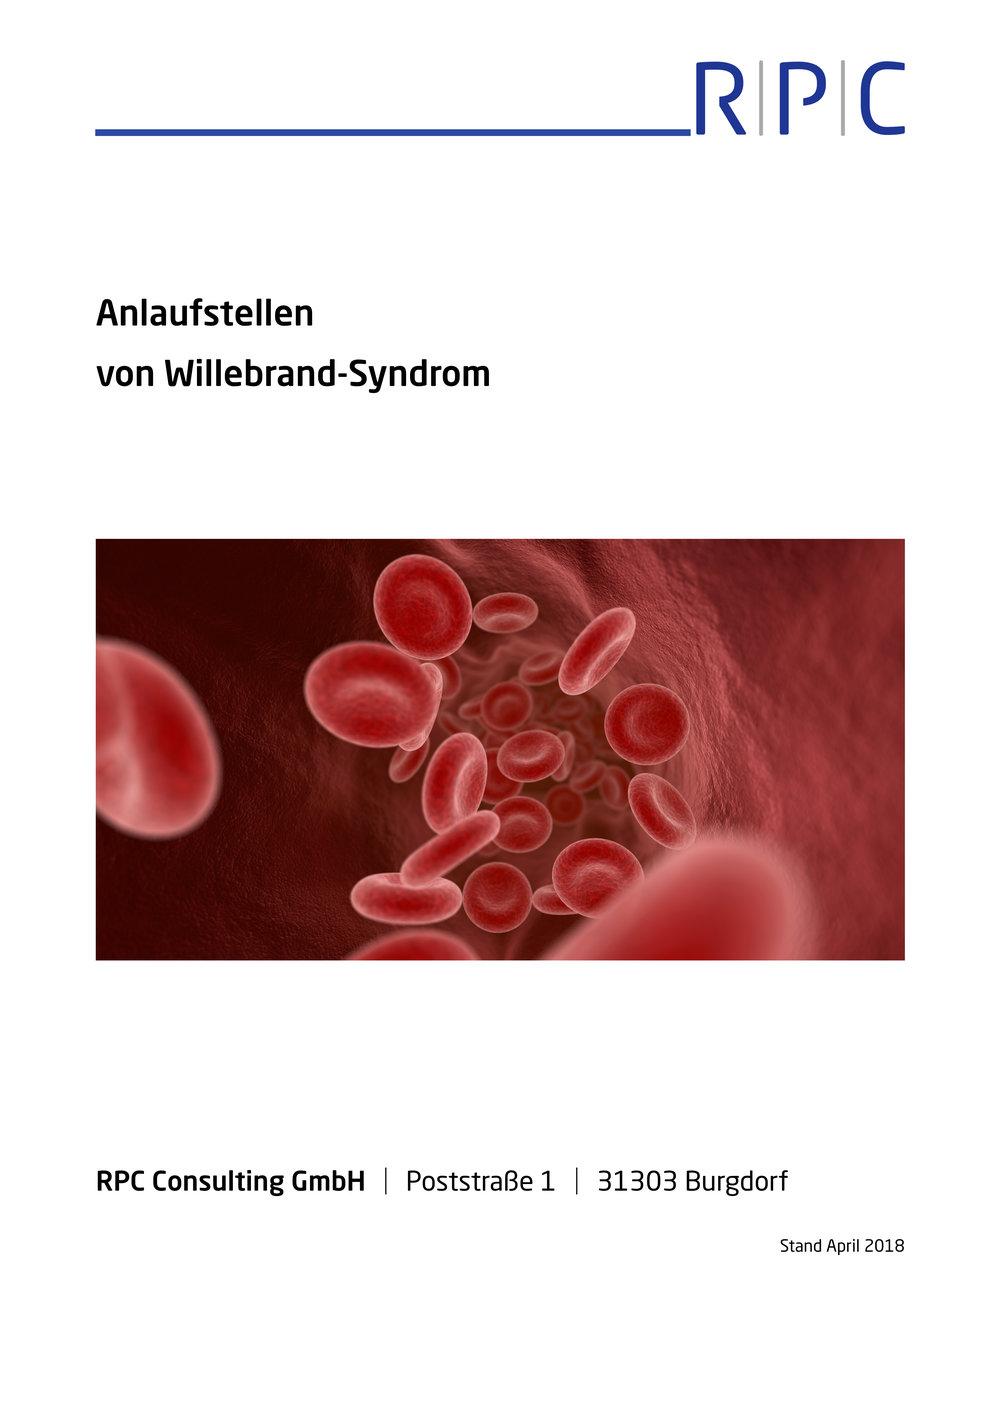 Hämophilie - Anlaufstellen von Willebrand-Syndrom